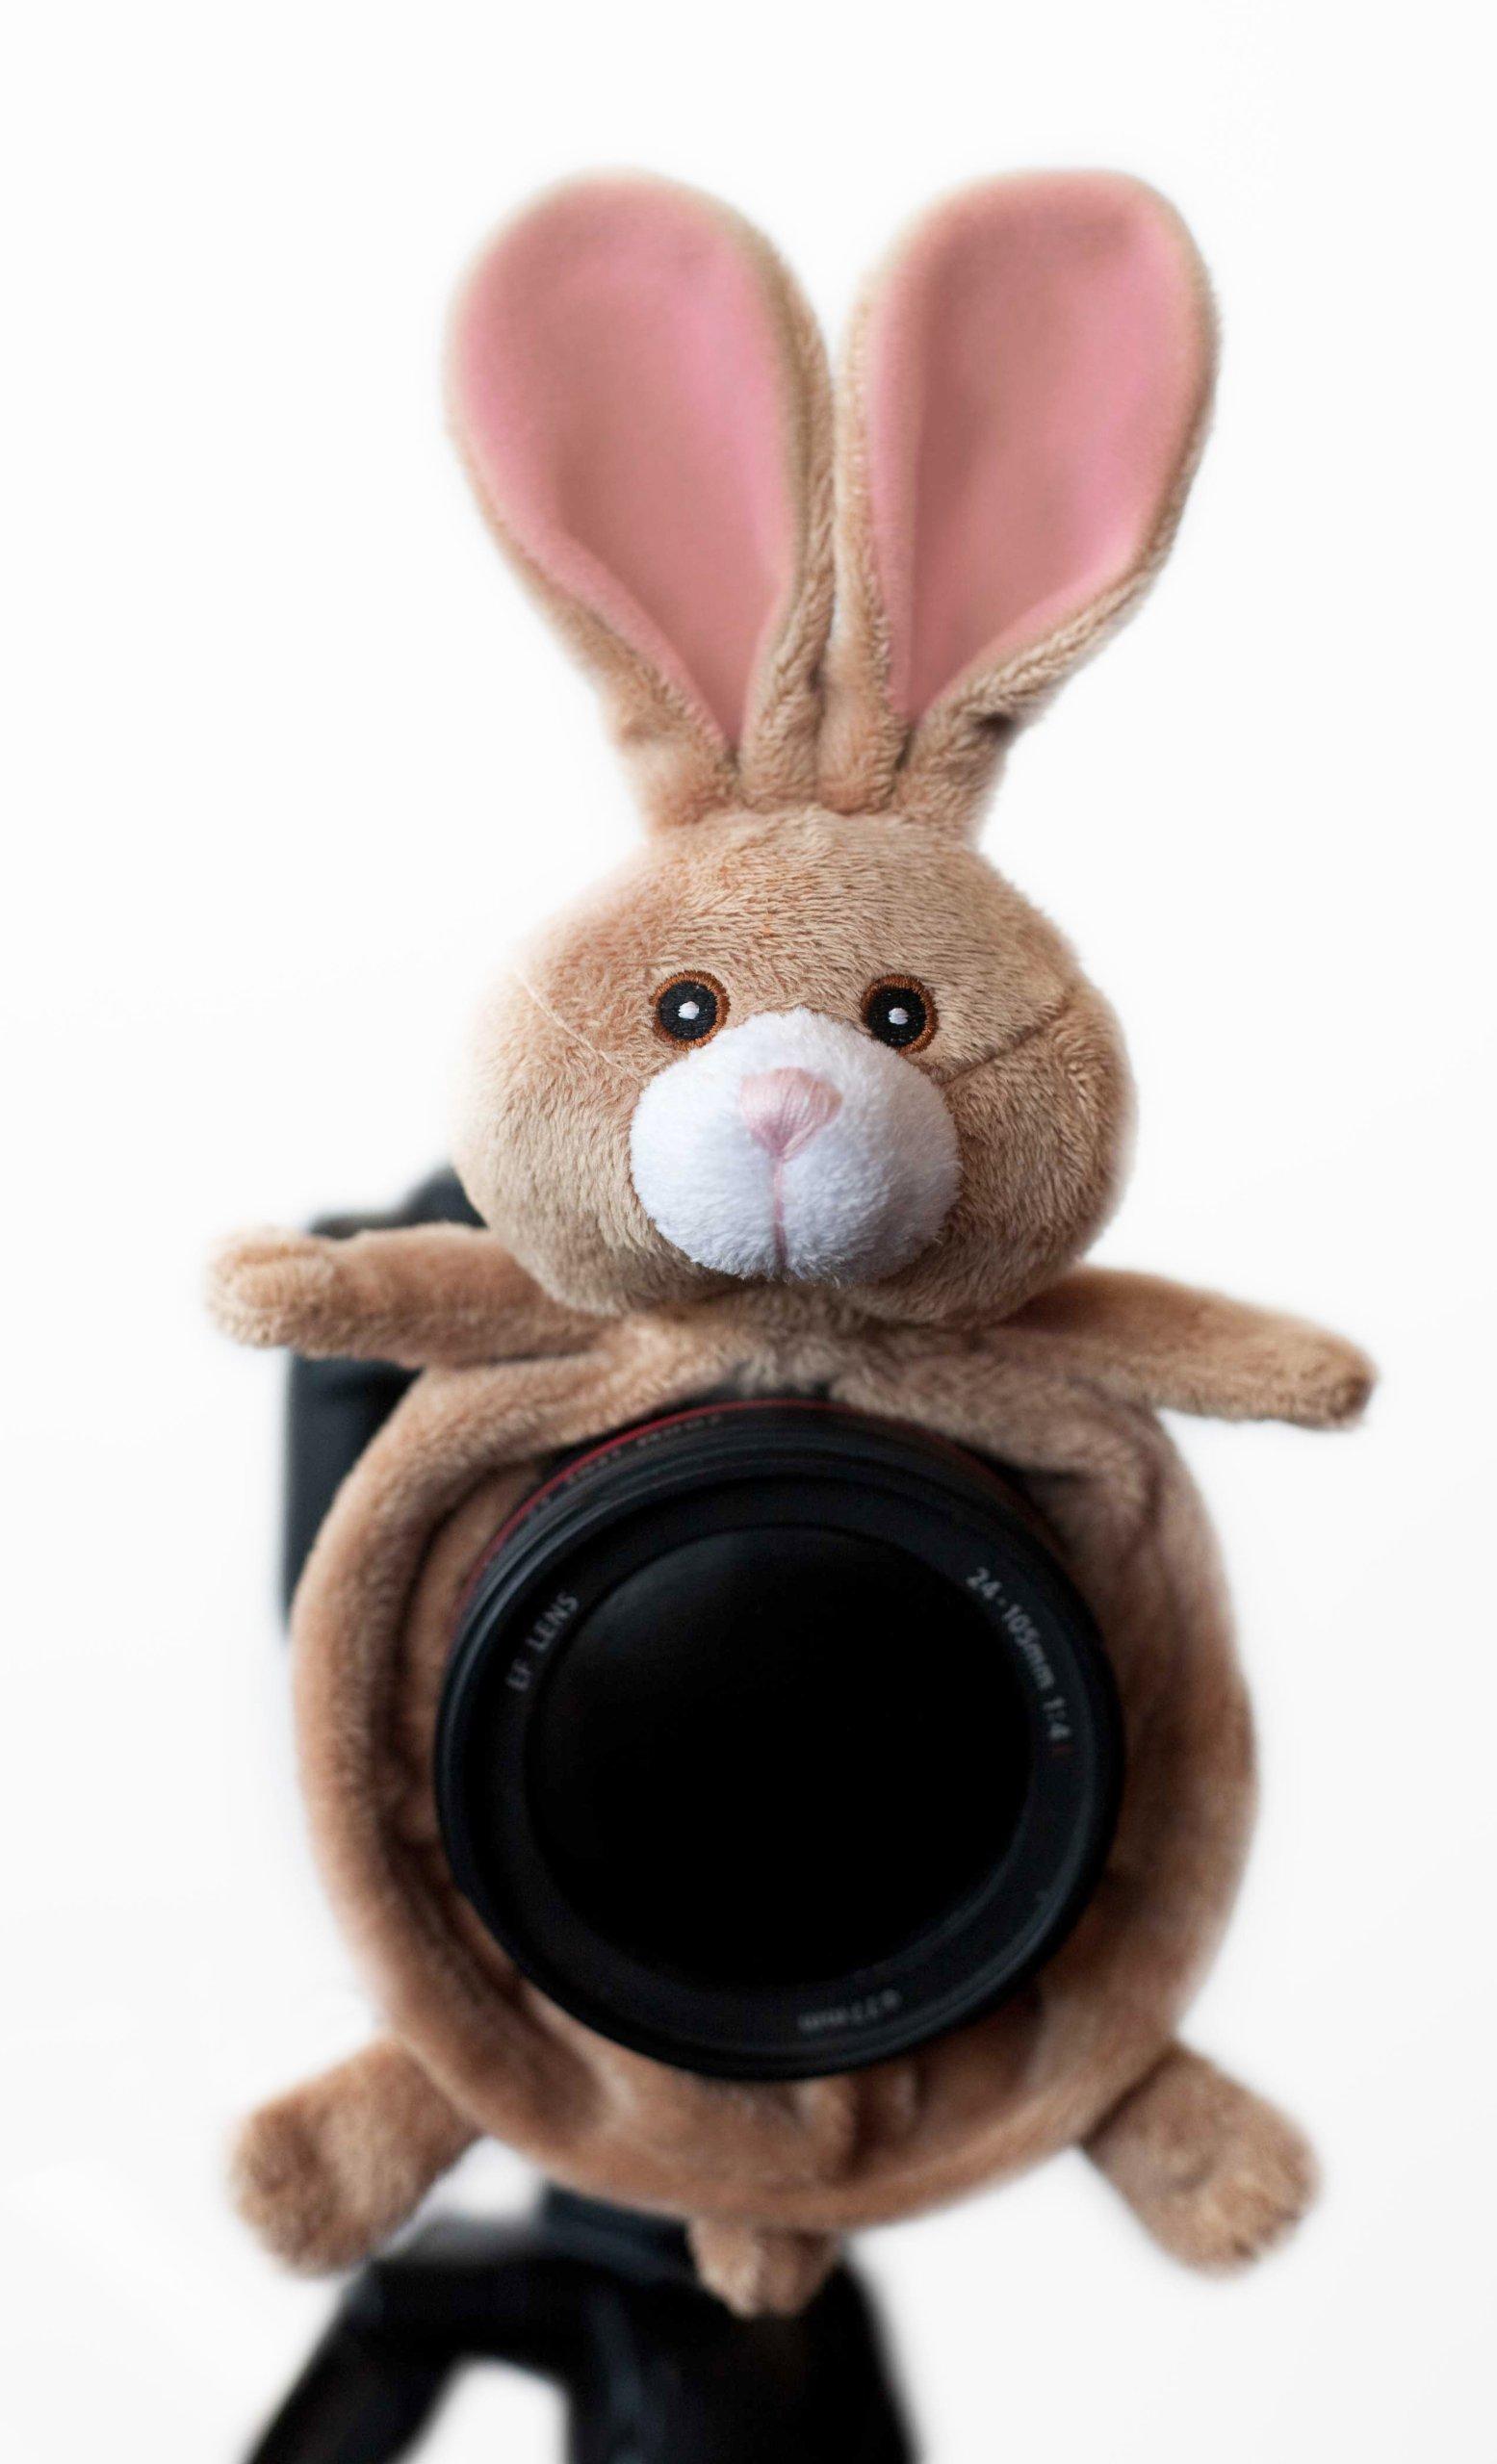 Shutter Huggers BUN001 Camera Lens Stand (Brown) by Shutter Huggers